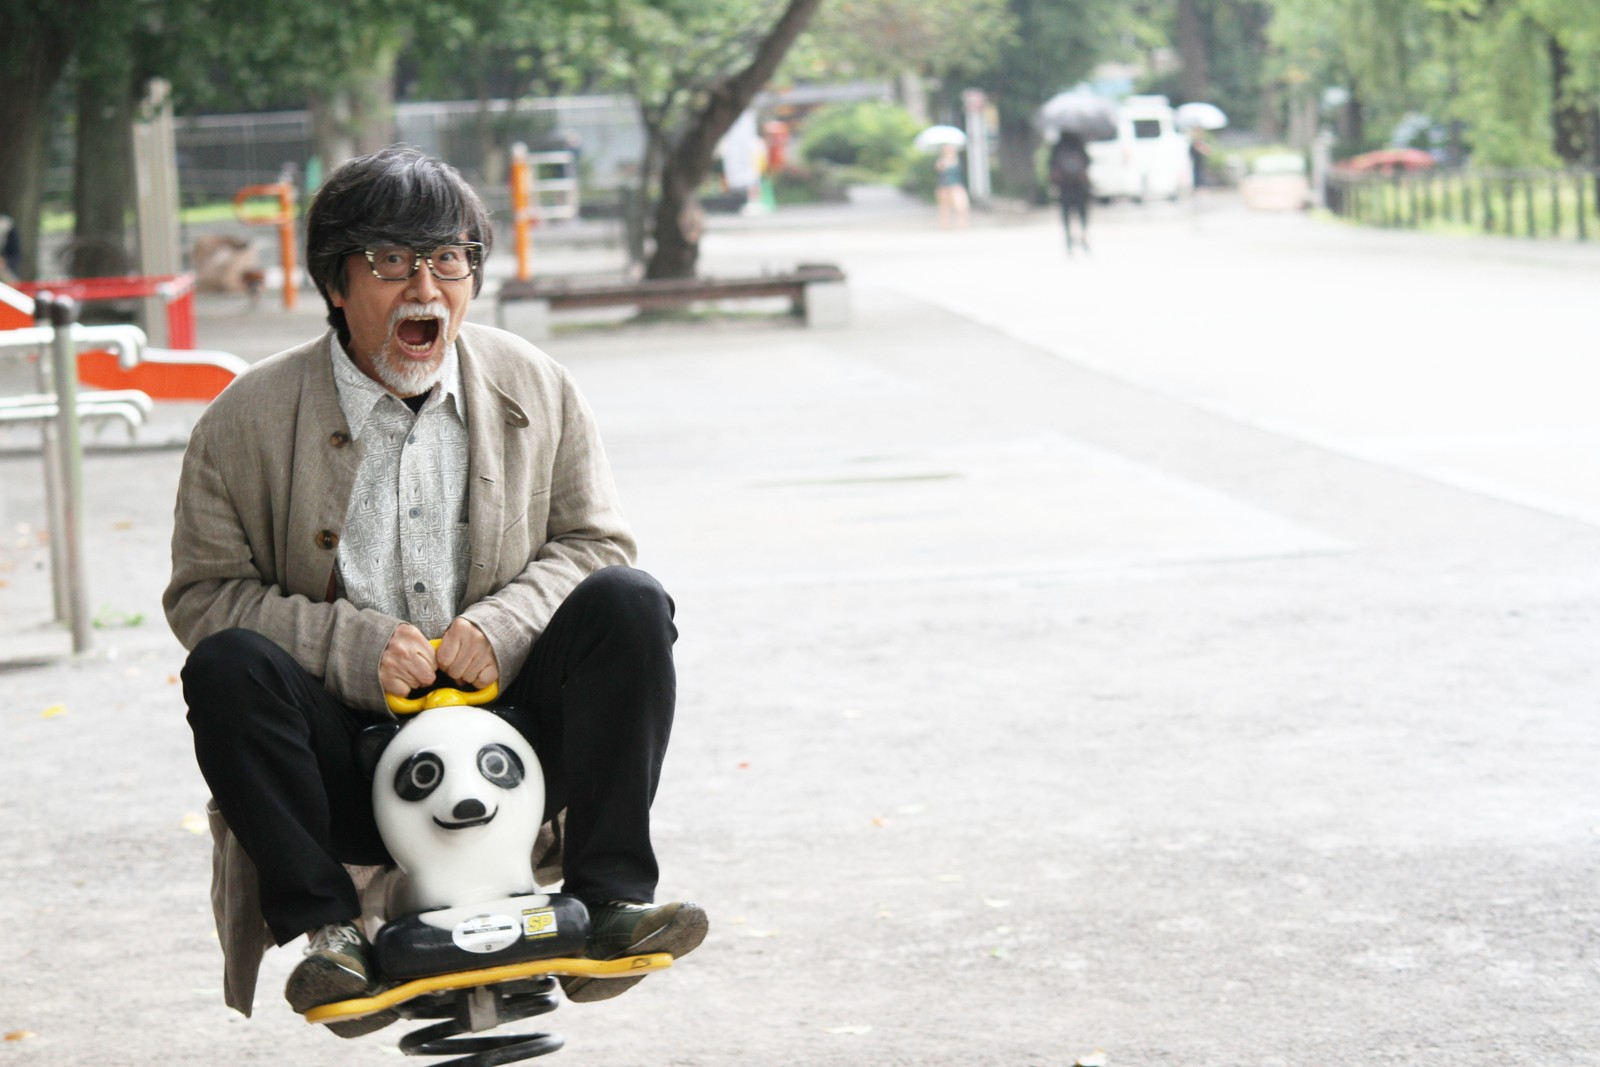 上野動物園の赤ちゃんパンダ、28日から名前募集だよ!,シニア,写真,画像,素材,老人,高齢者,フリー